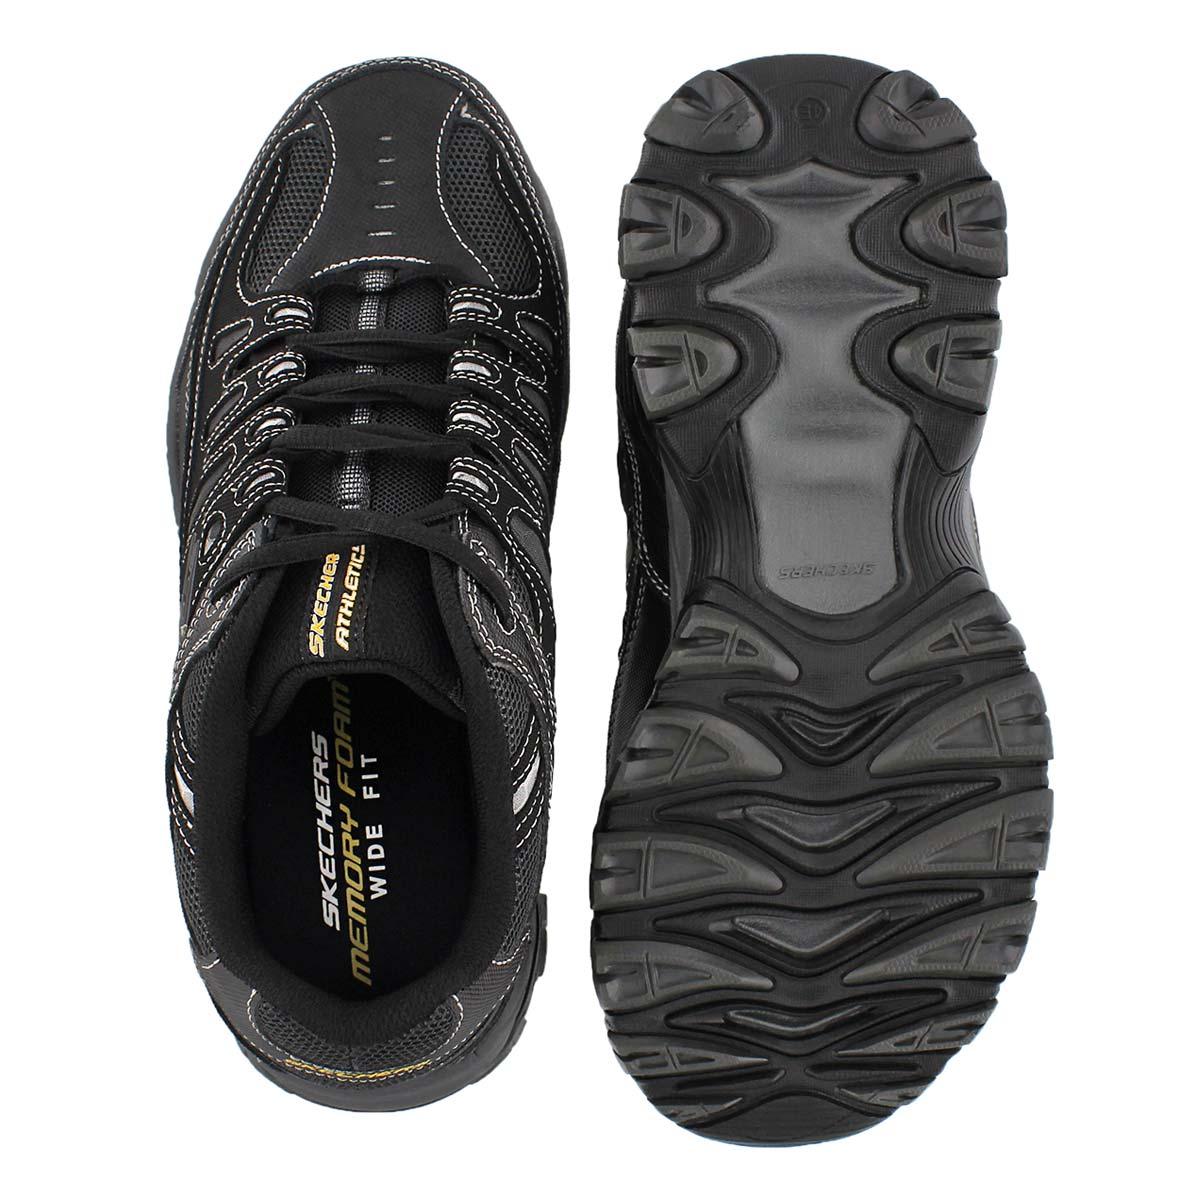 Mns After Burn black sneaker